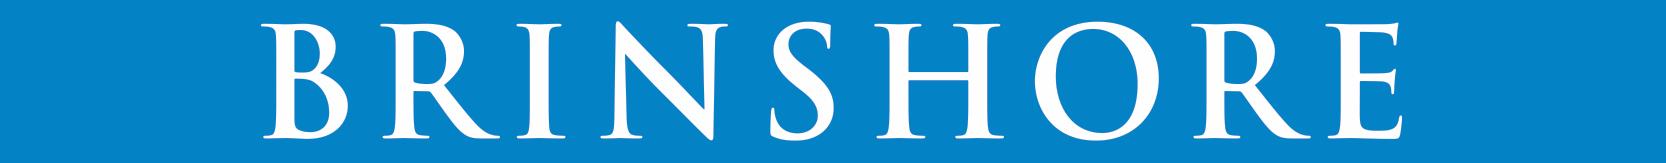 Brinshore_Logo_1color_CMYK - Copy.jpg